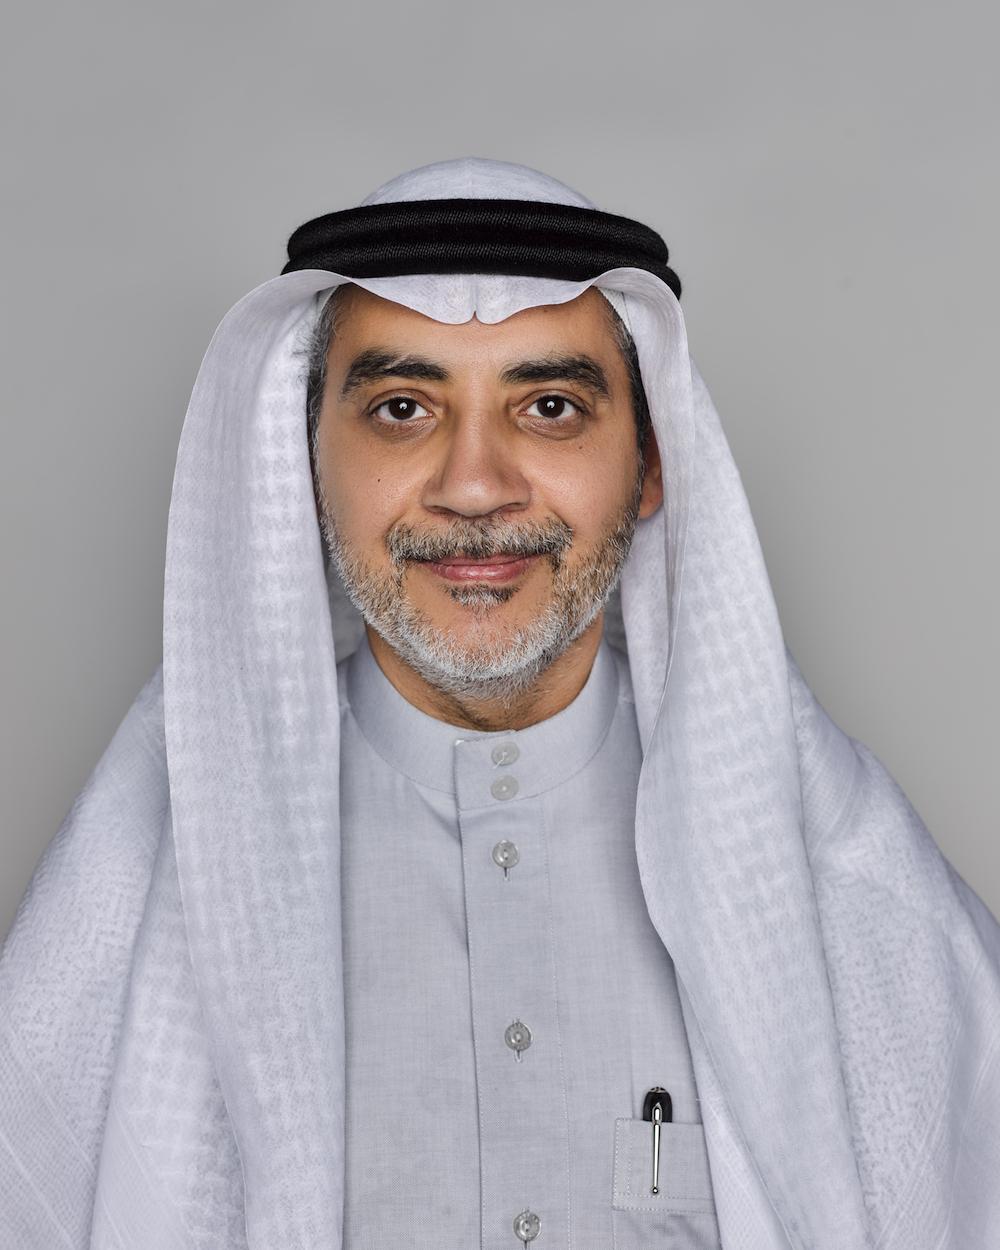 المهندس / محمد حامد الكليبي